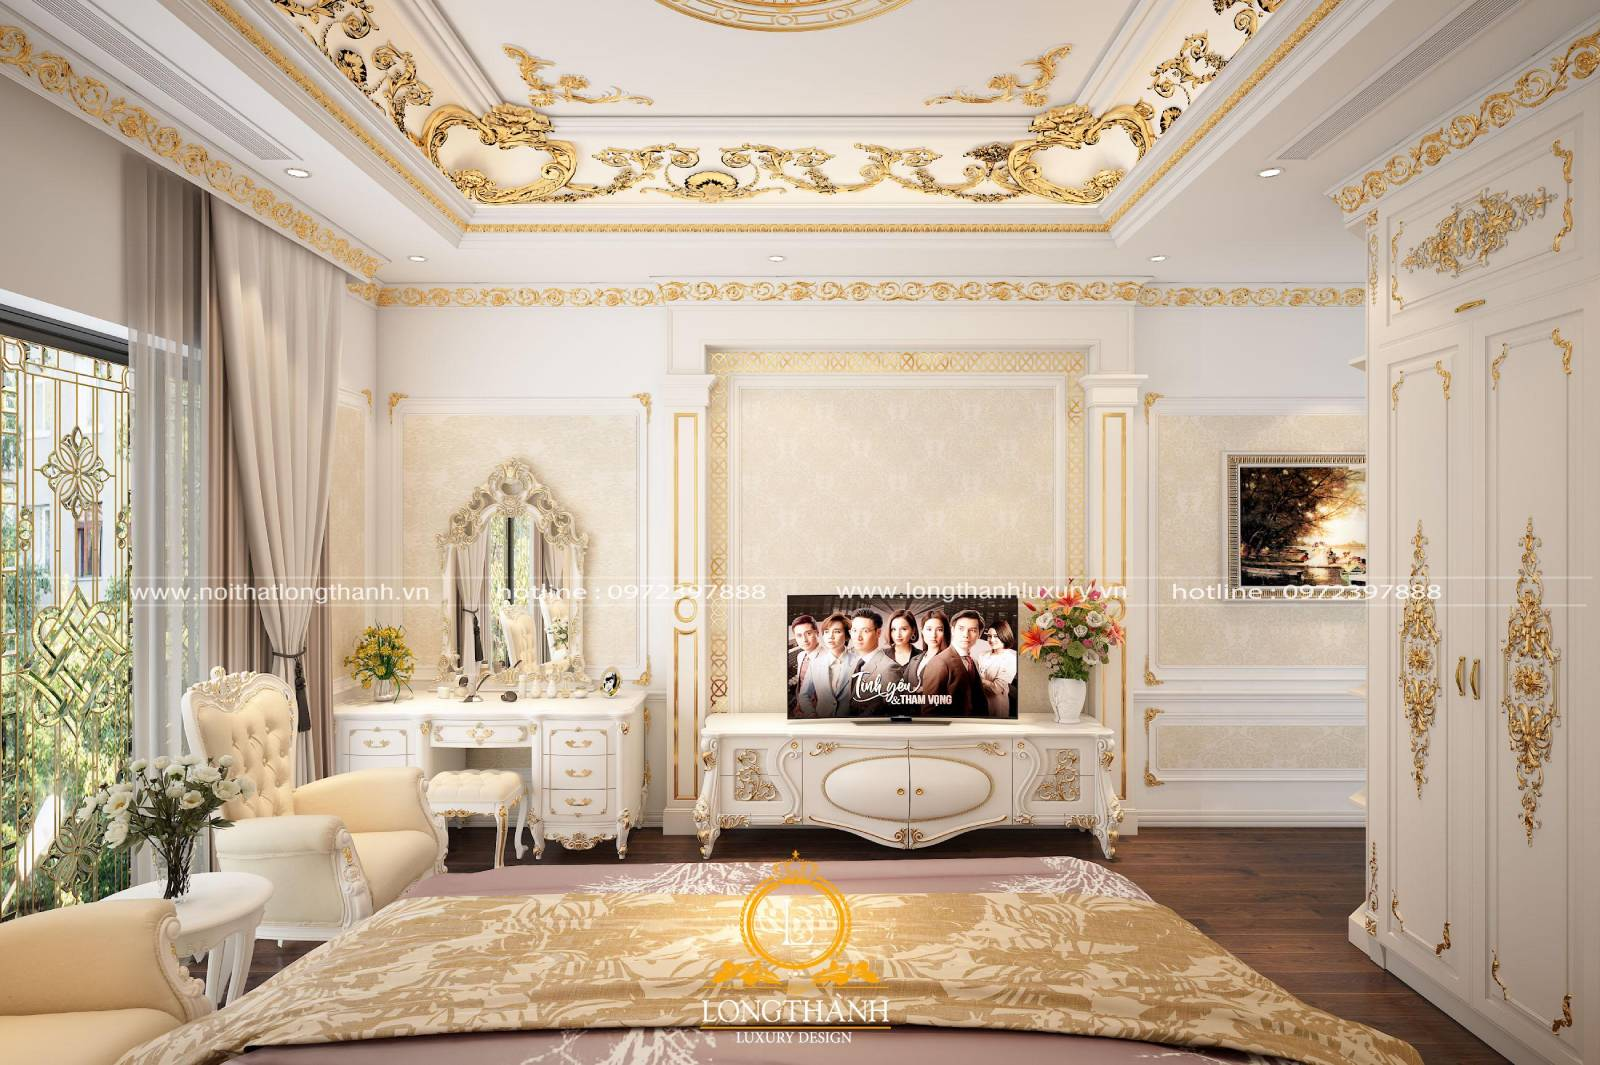 Phòng ngủ tân cổ điển thể hiện đầy đủ vị trí màu sắc các món đồ